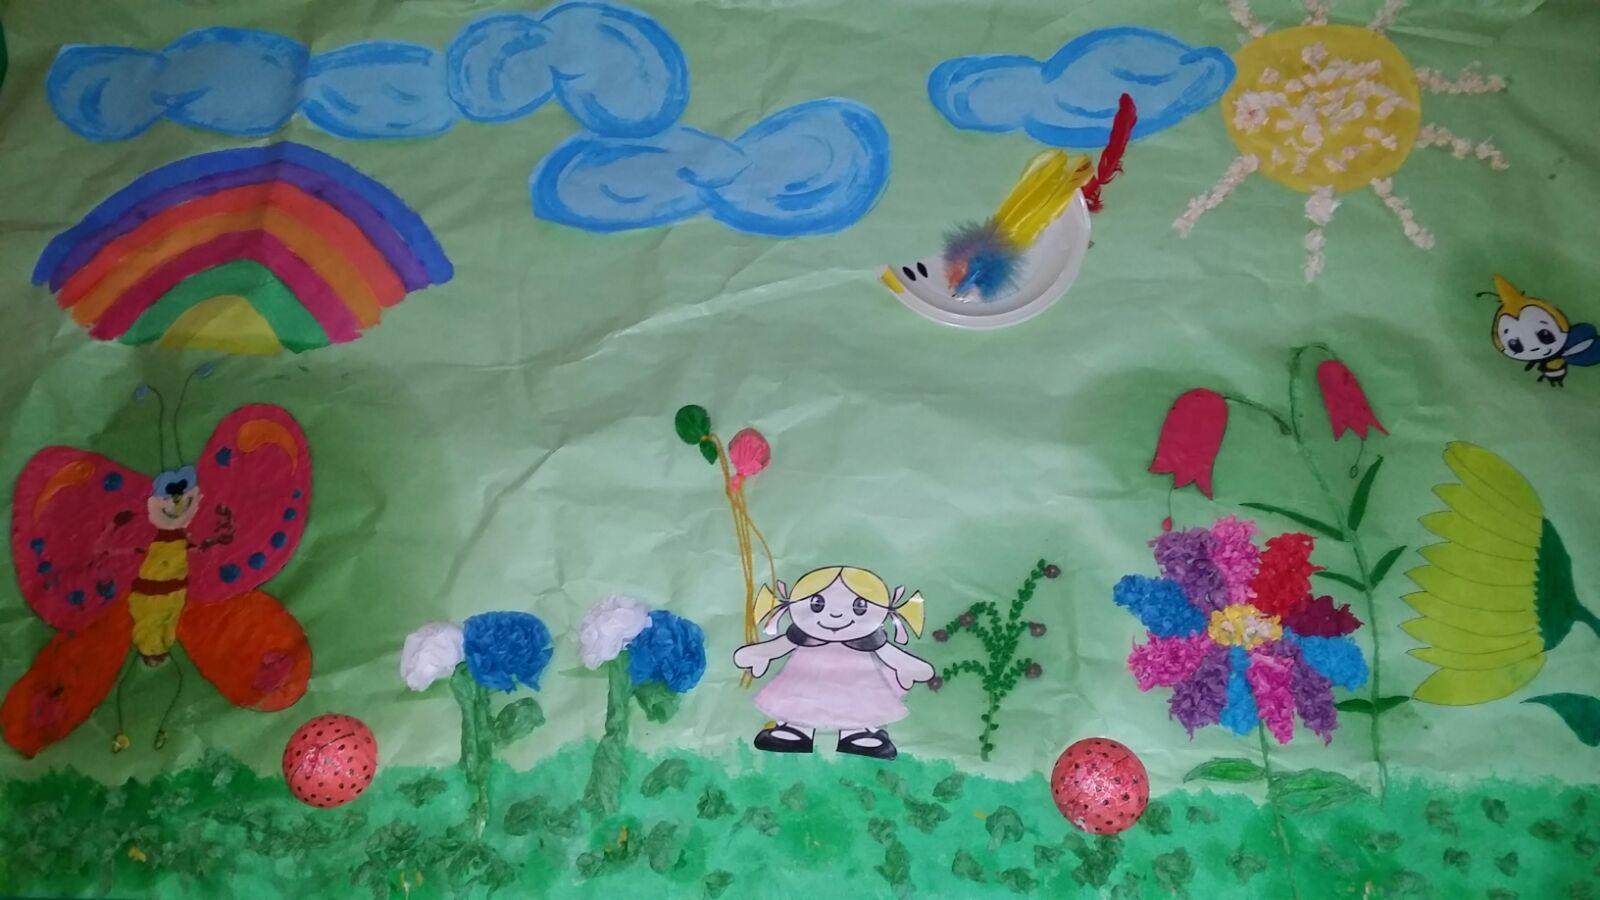 M anal a puza cao mural primavera for Mural de flores y mariposas